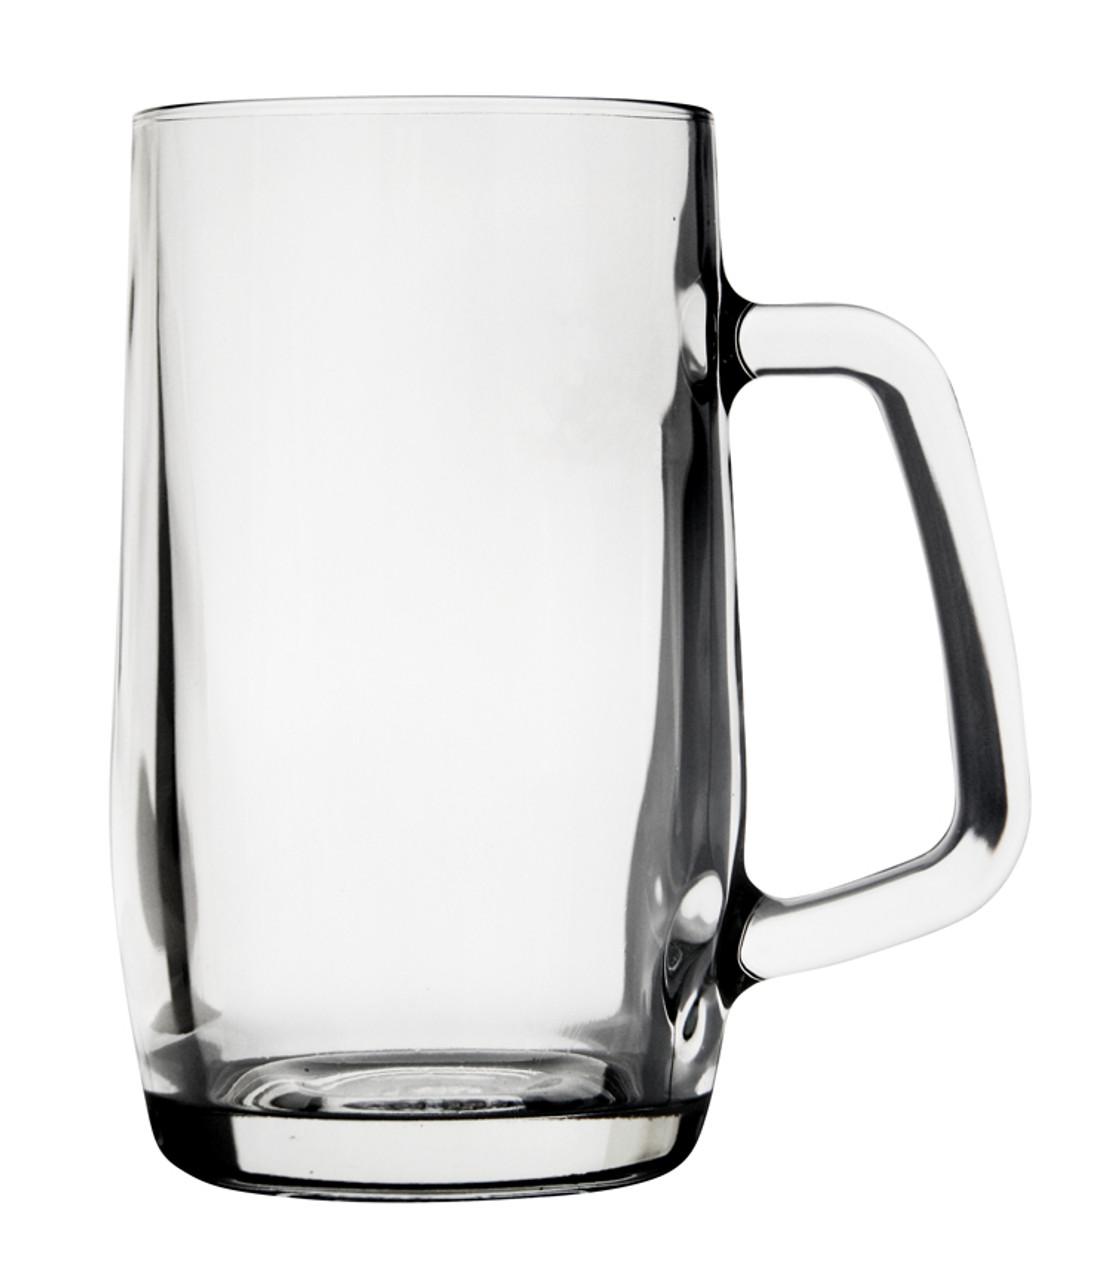 Ludwig Glass Beer Mug 0.5 Liter